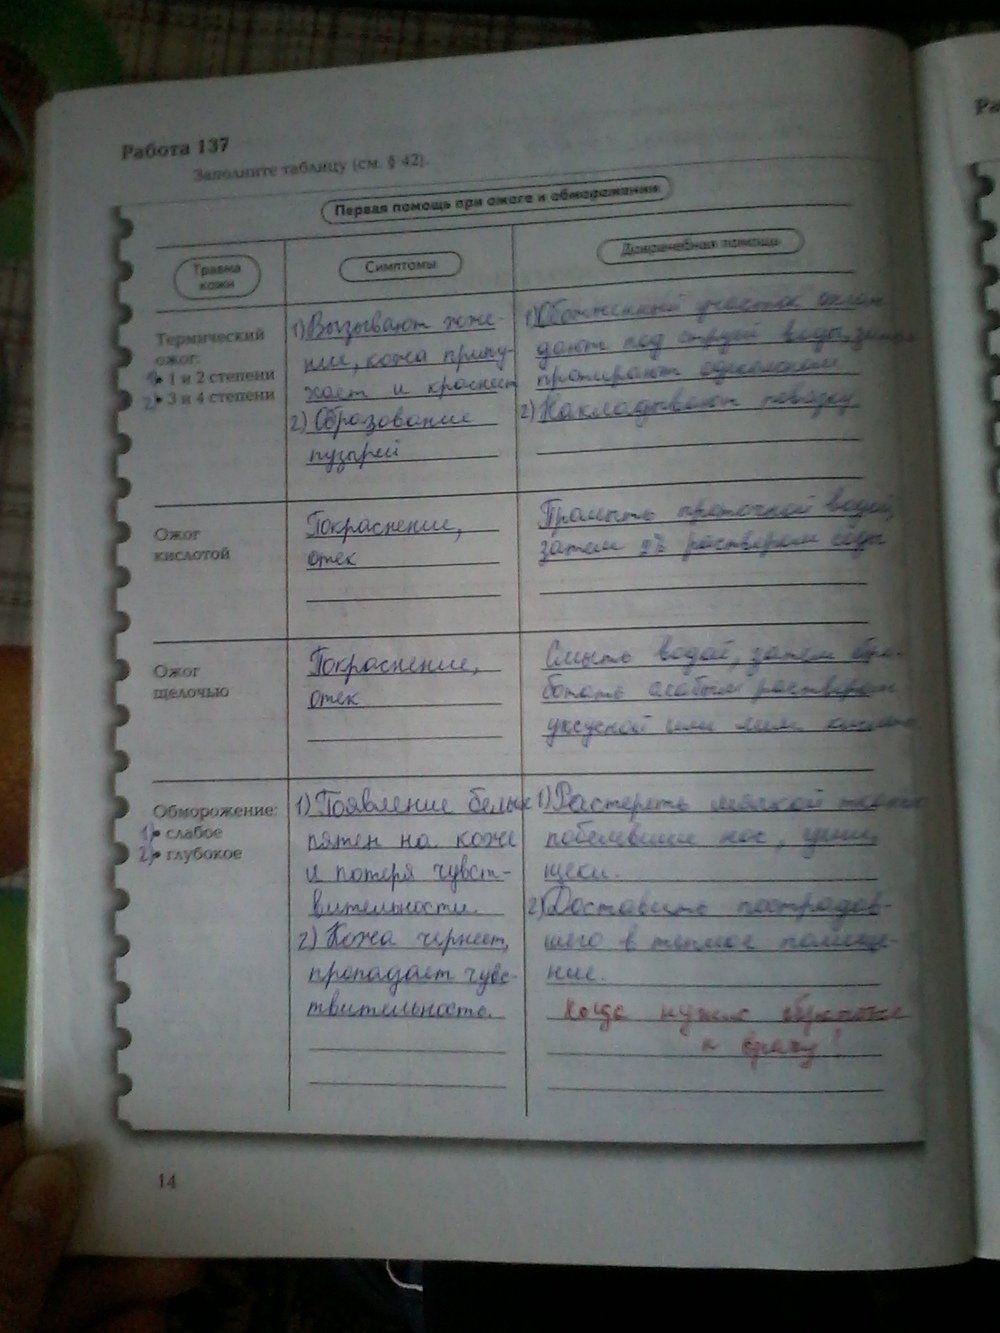 Биология справочник для старшеклассников и поступающих в вузы скачать